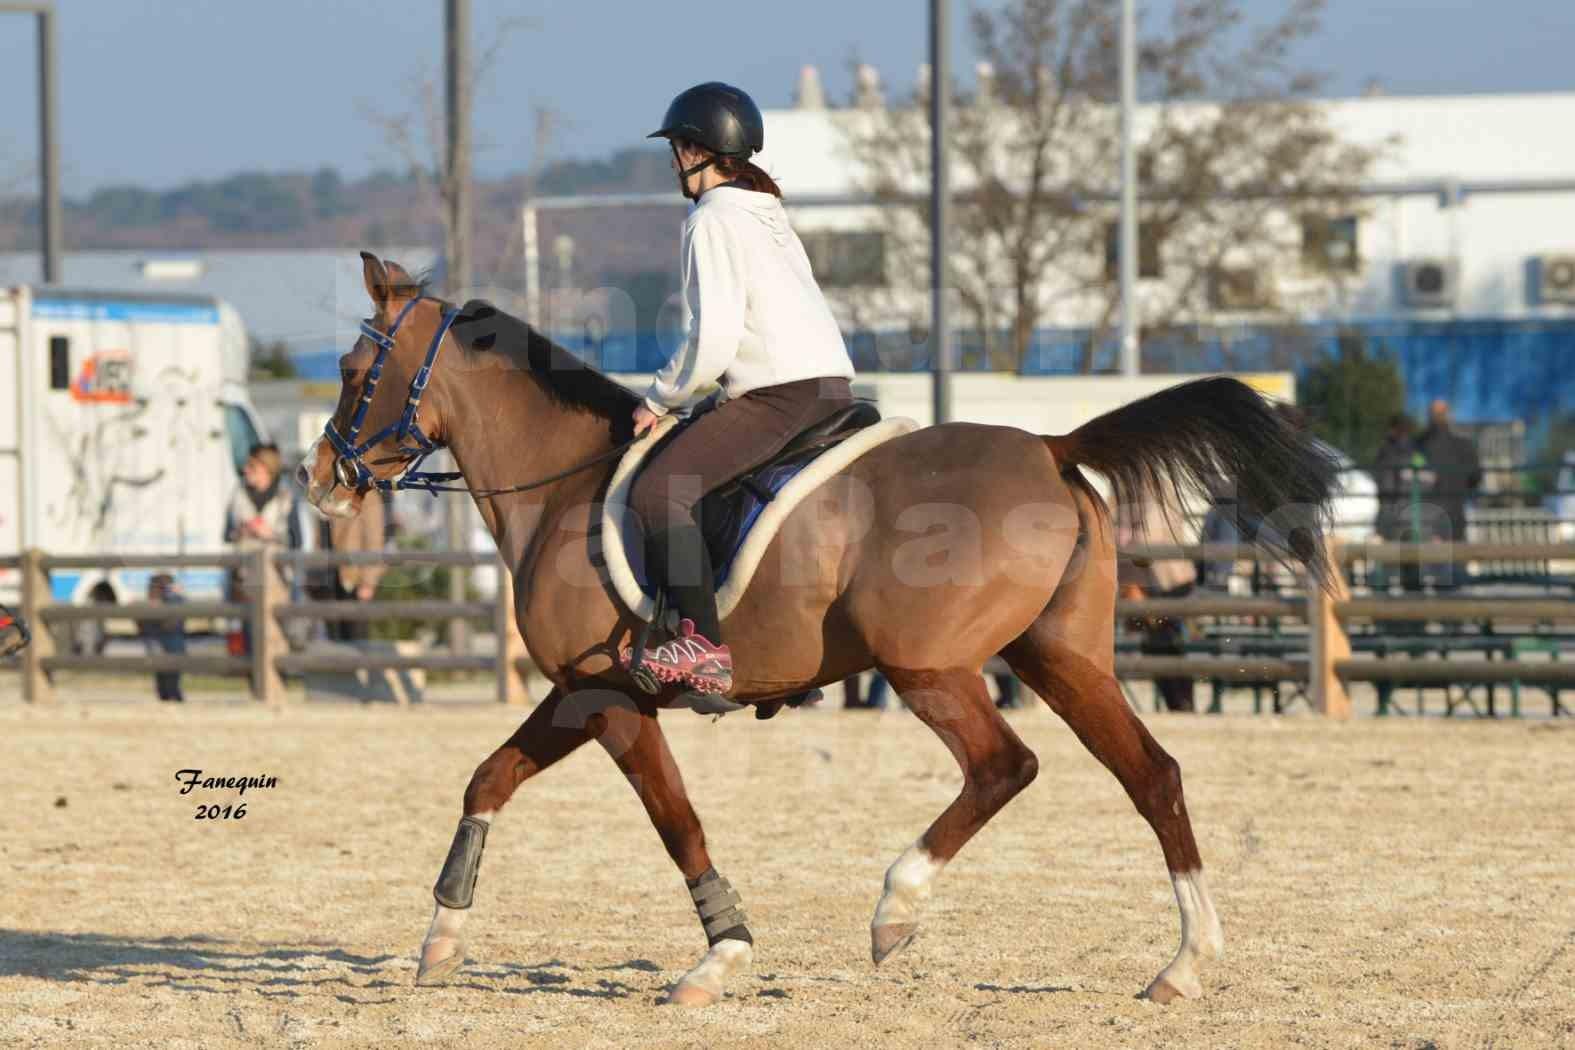 Cheval Passion 2016 - Présentation extérieure de chevaux Arabes montés - 09